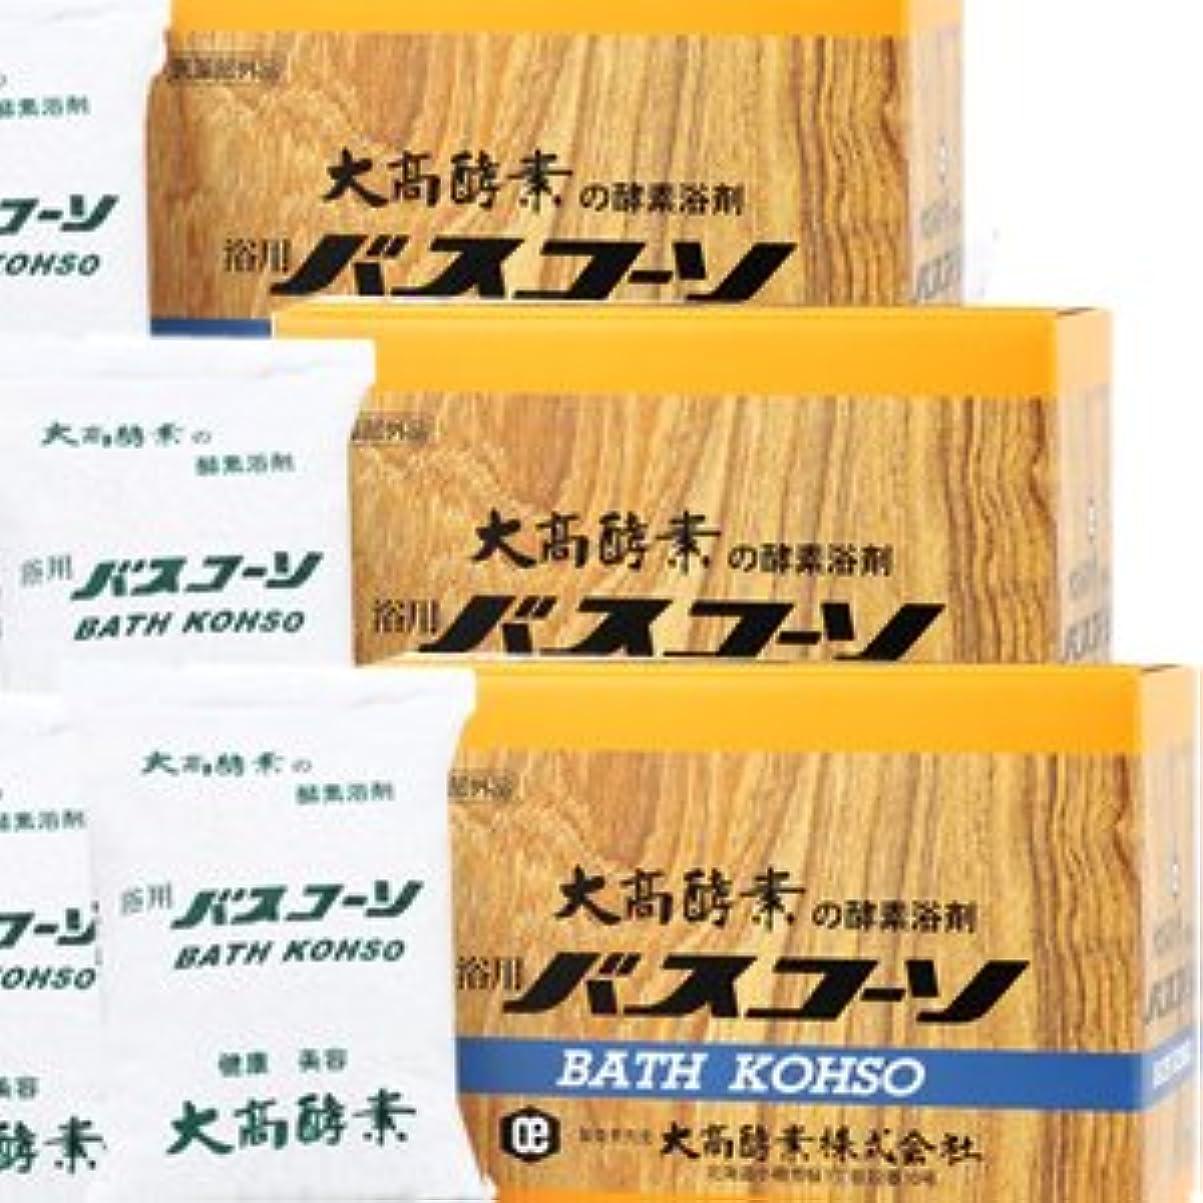 ベイビーパケットケニア【3個】 大高酵素 バスコーソ酵素入浴剤(100g×6袋)x3個 4971578001095